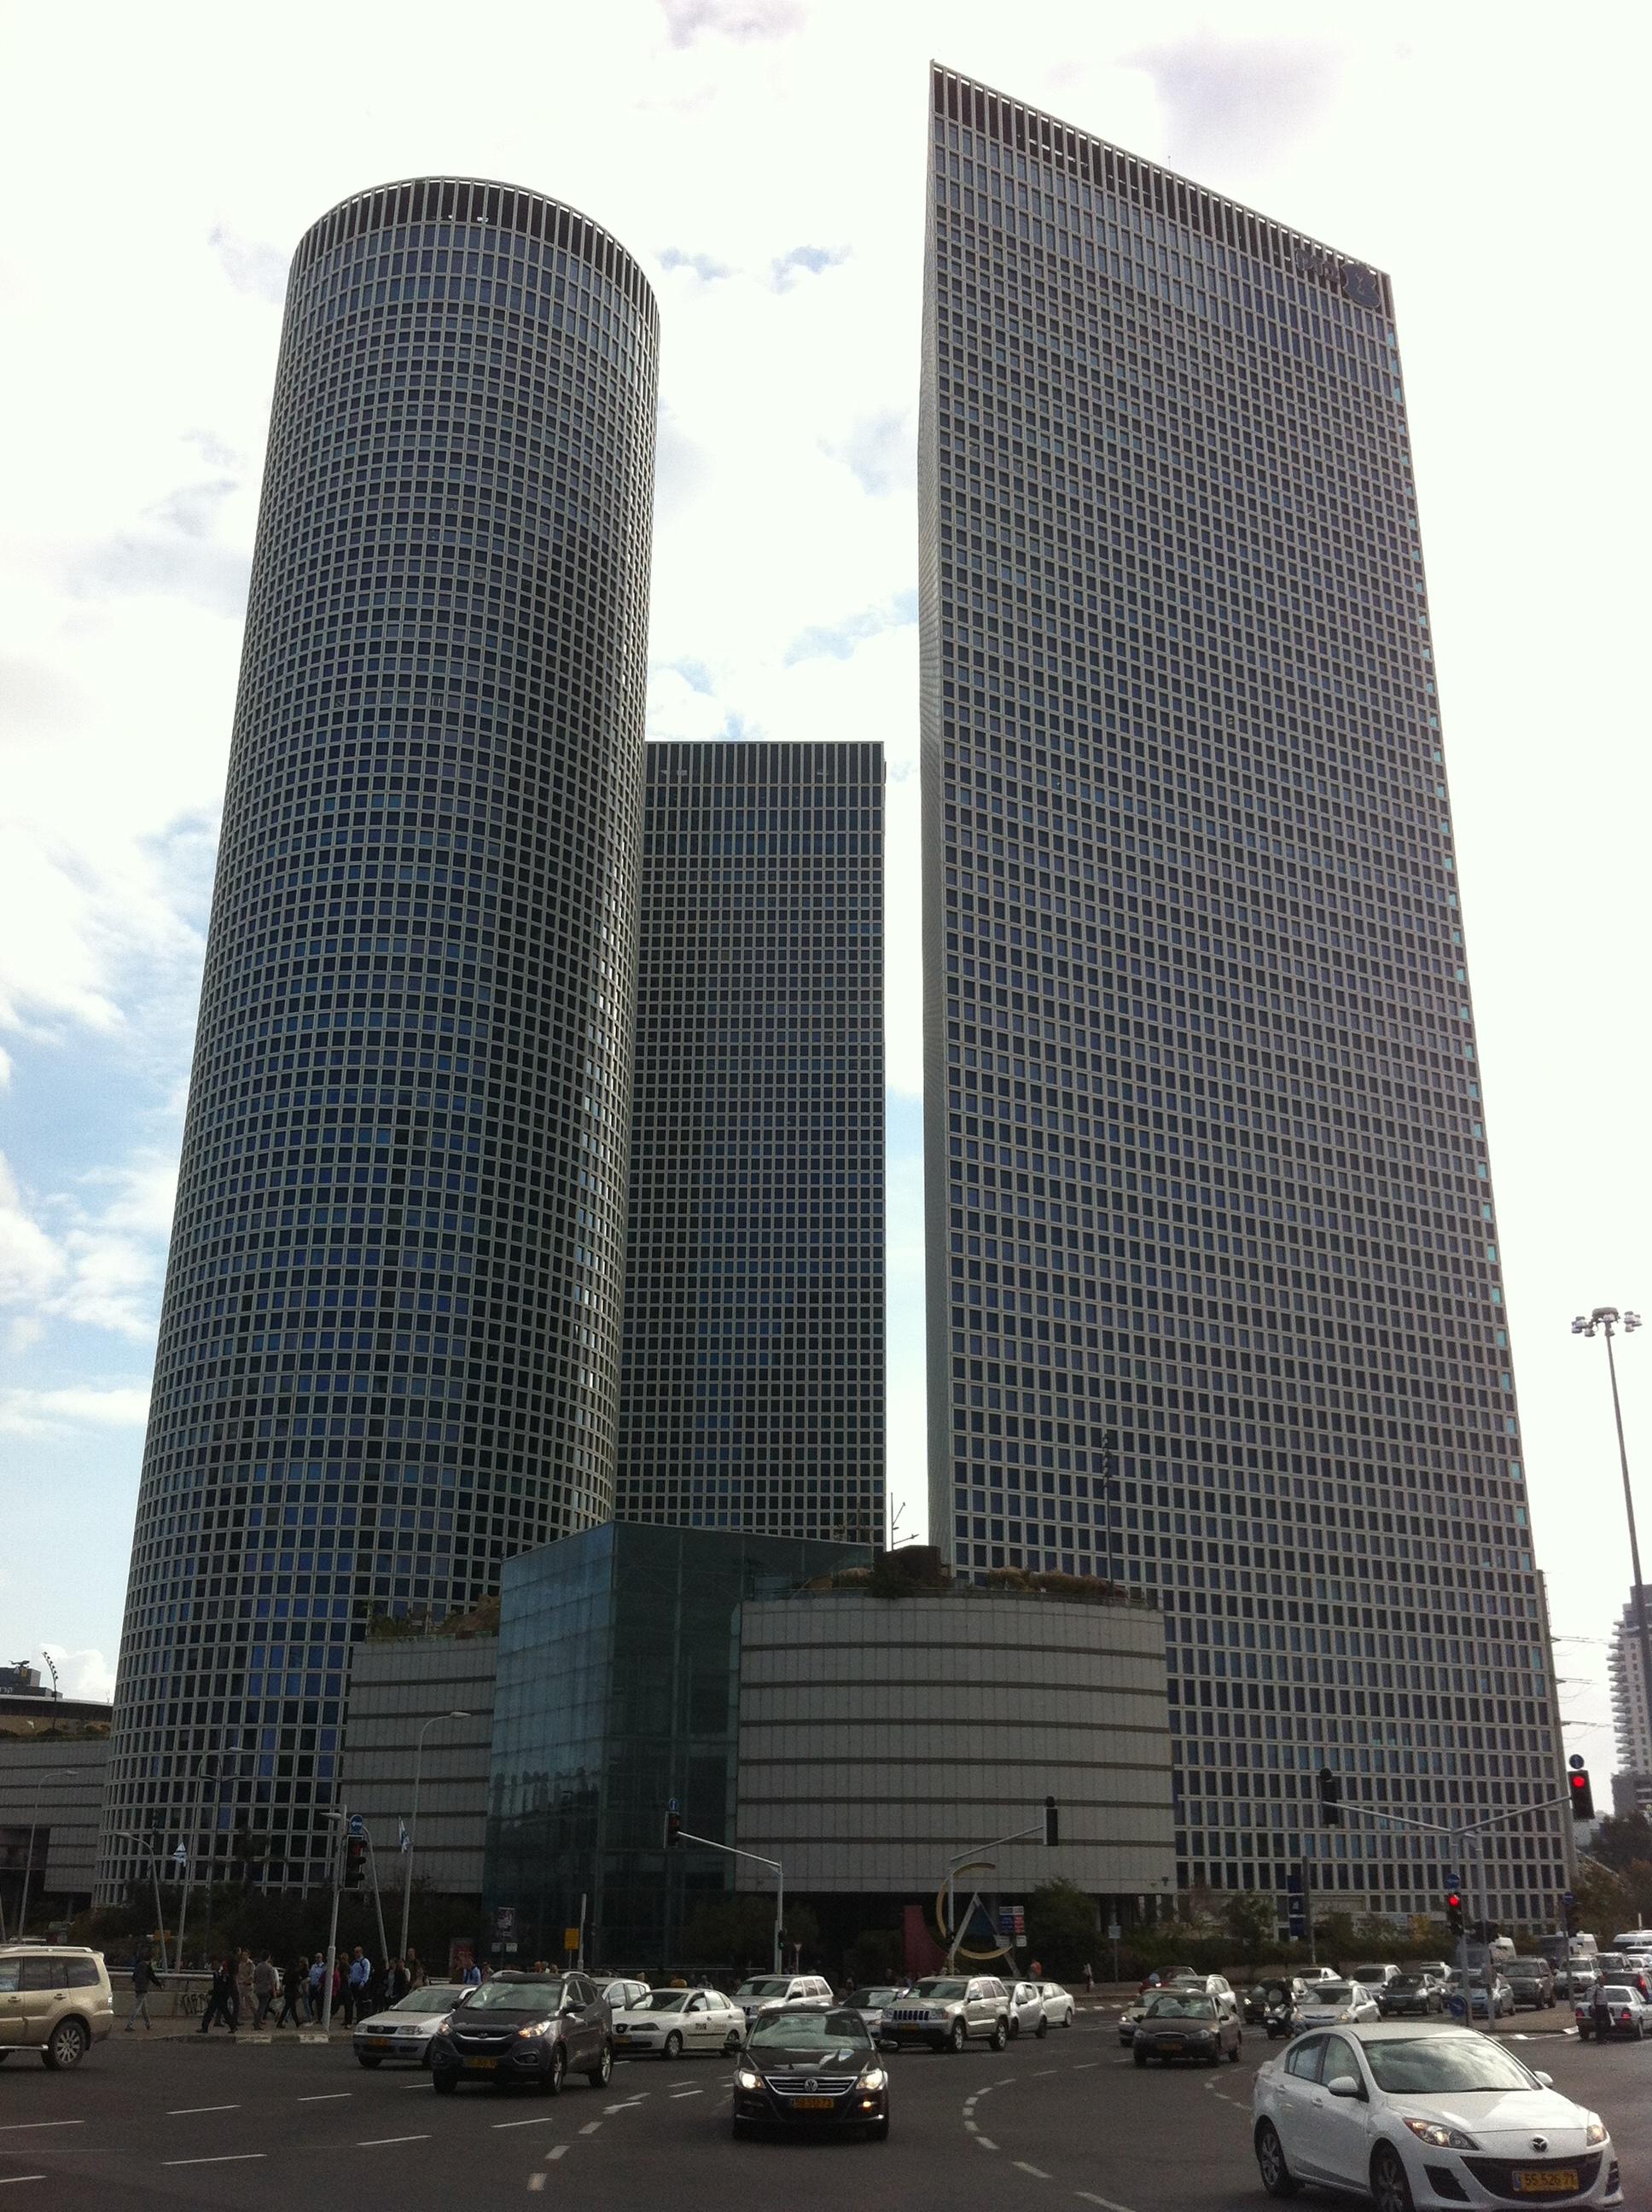 אייקון של מרכז העסקים הראשי. מרכז עזריאלי